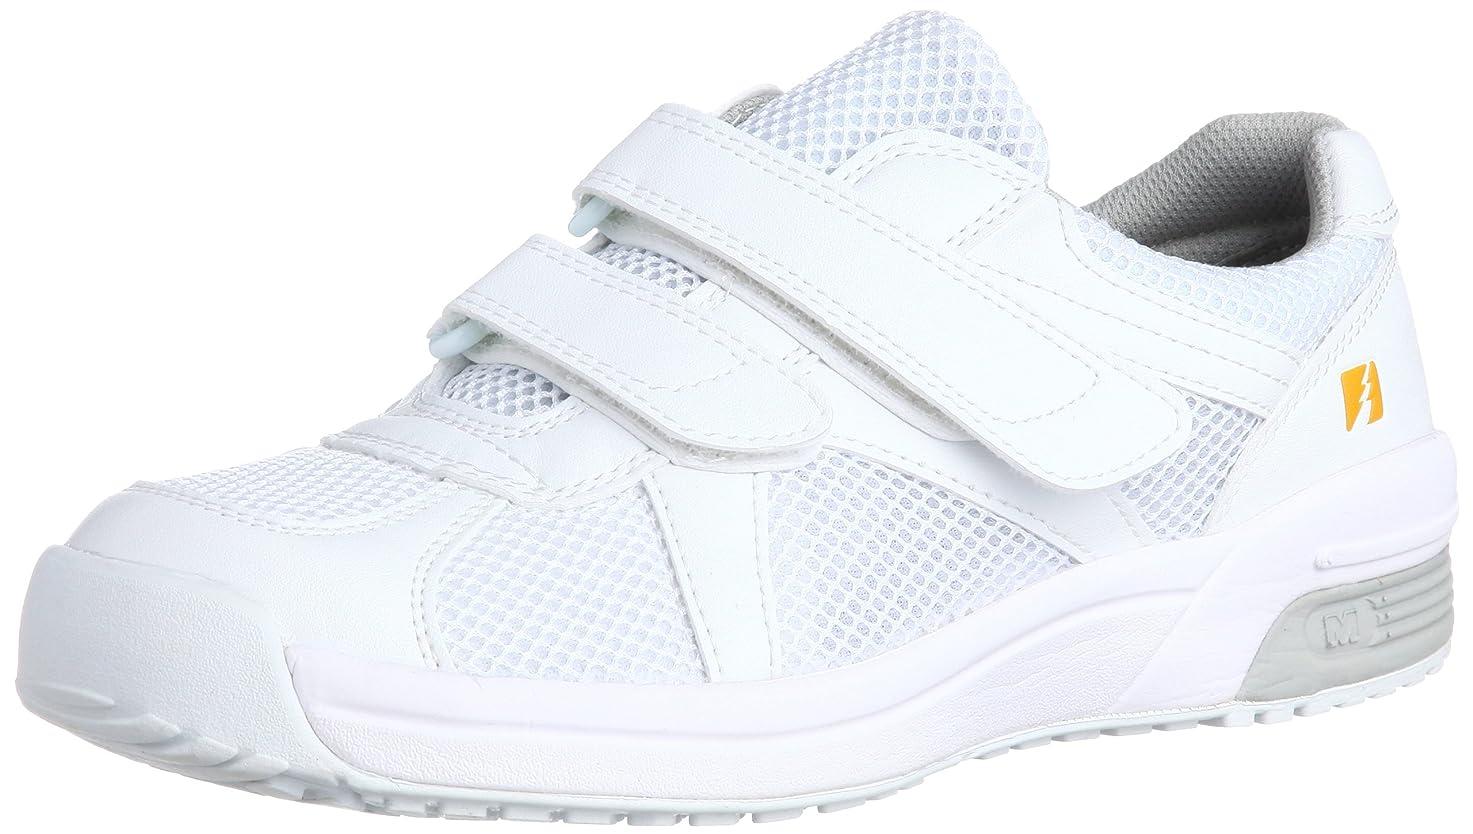 競うプレビュー肖像画静電作業靴 静電気帯電防止 マジックタイプ スニーカー エレパス 307 メンズ